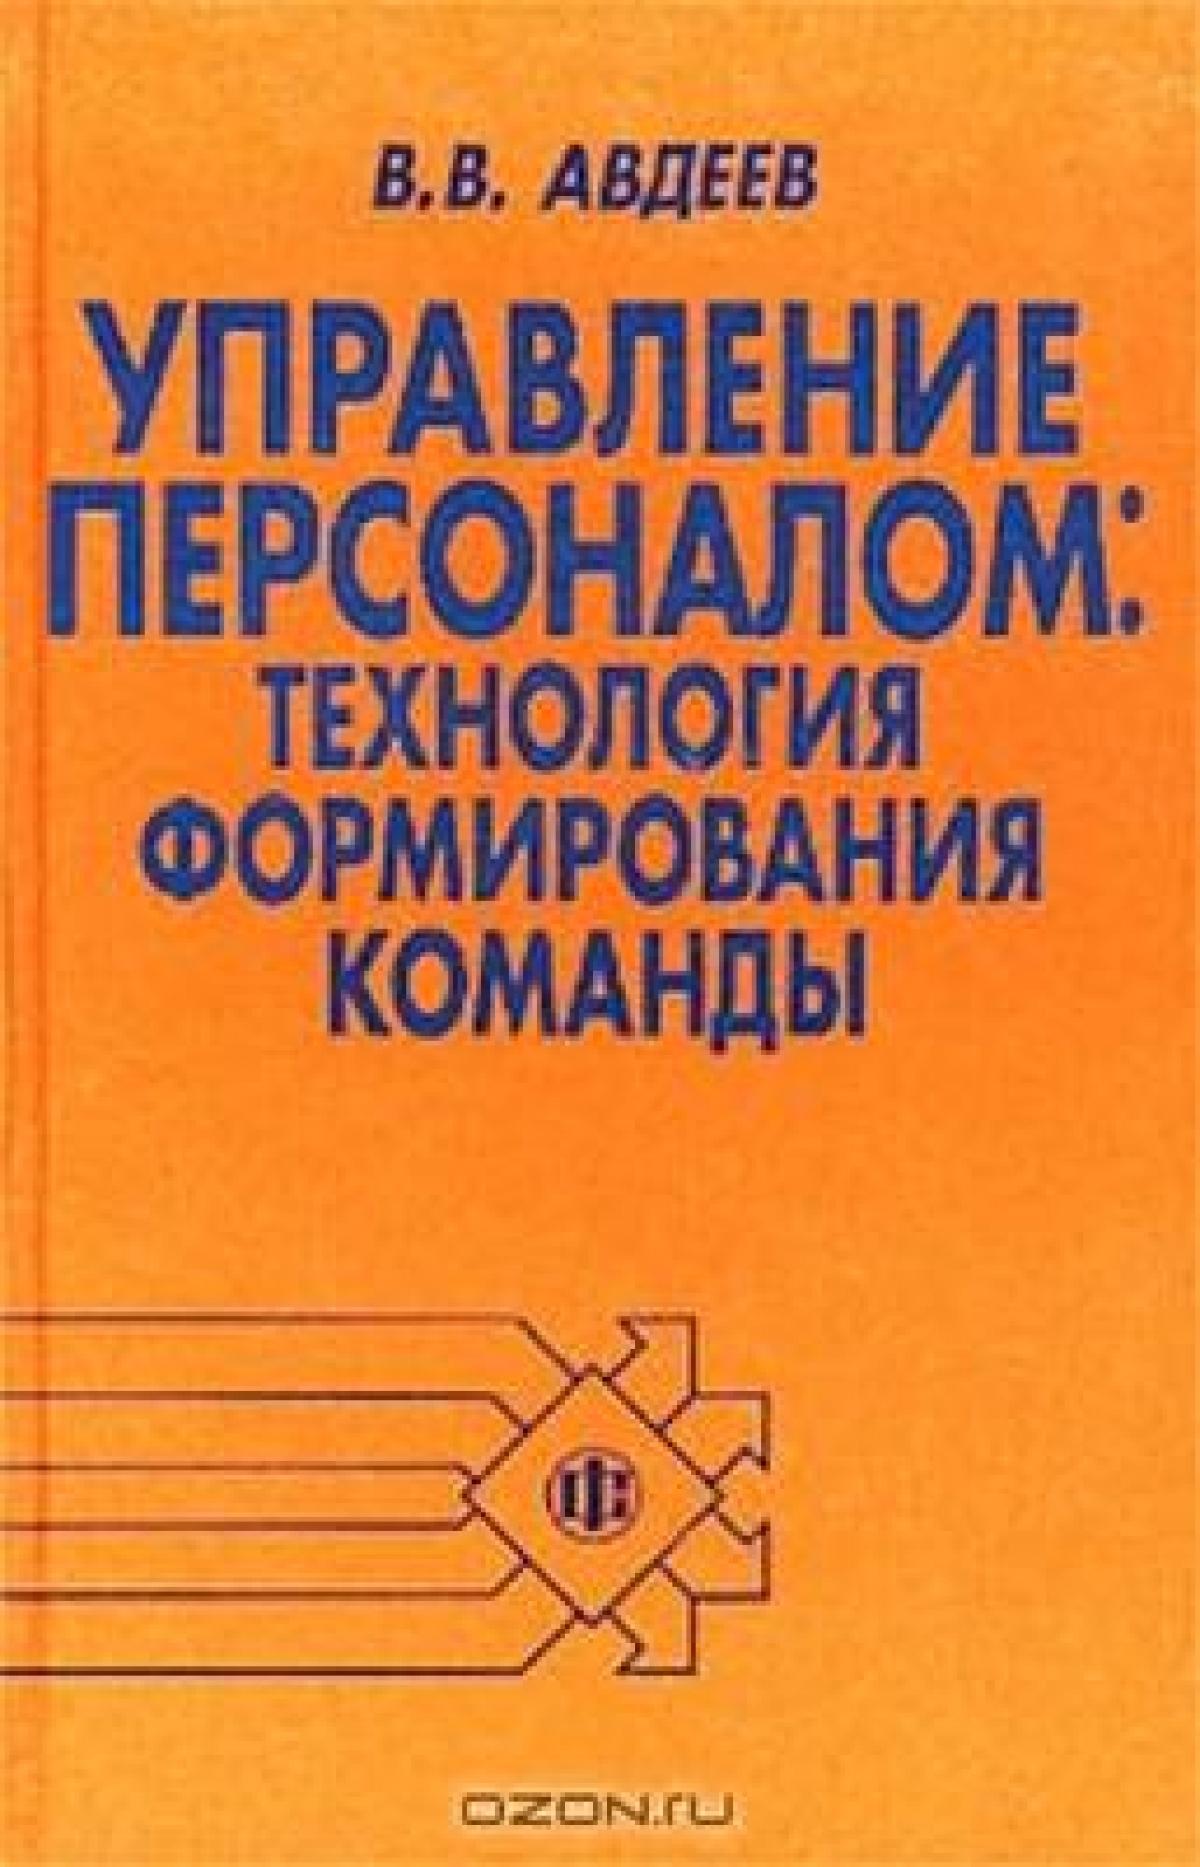 Обложка книги:  авдеев в.в. - управление персоналом. технология формирования команды.